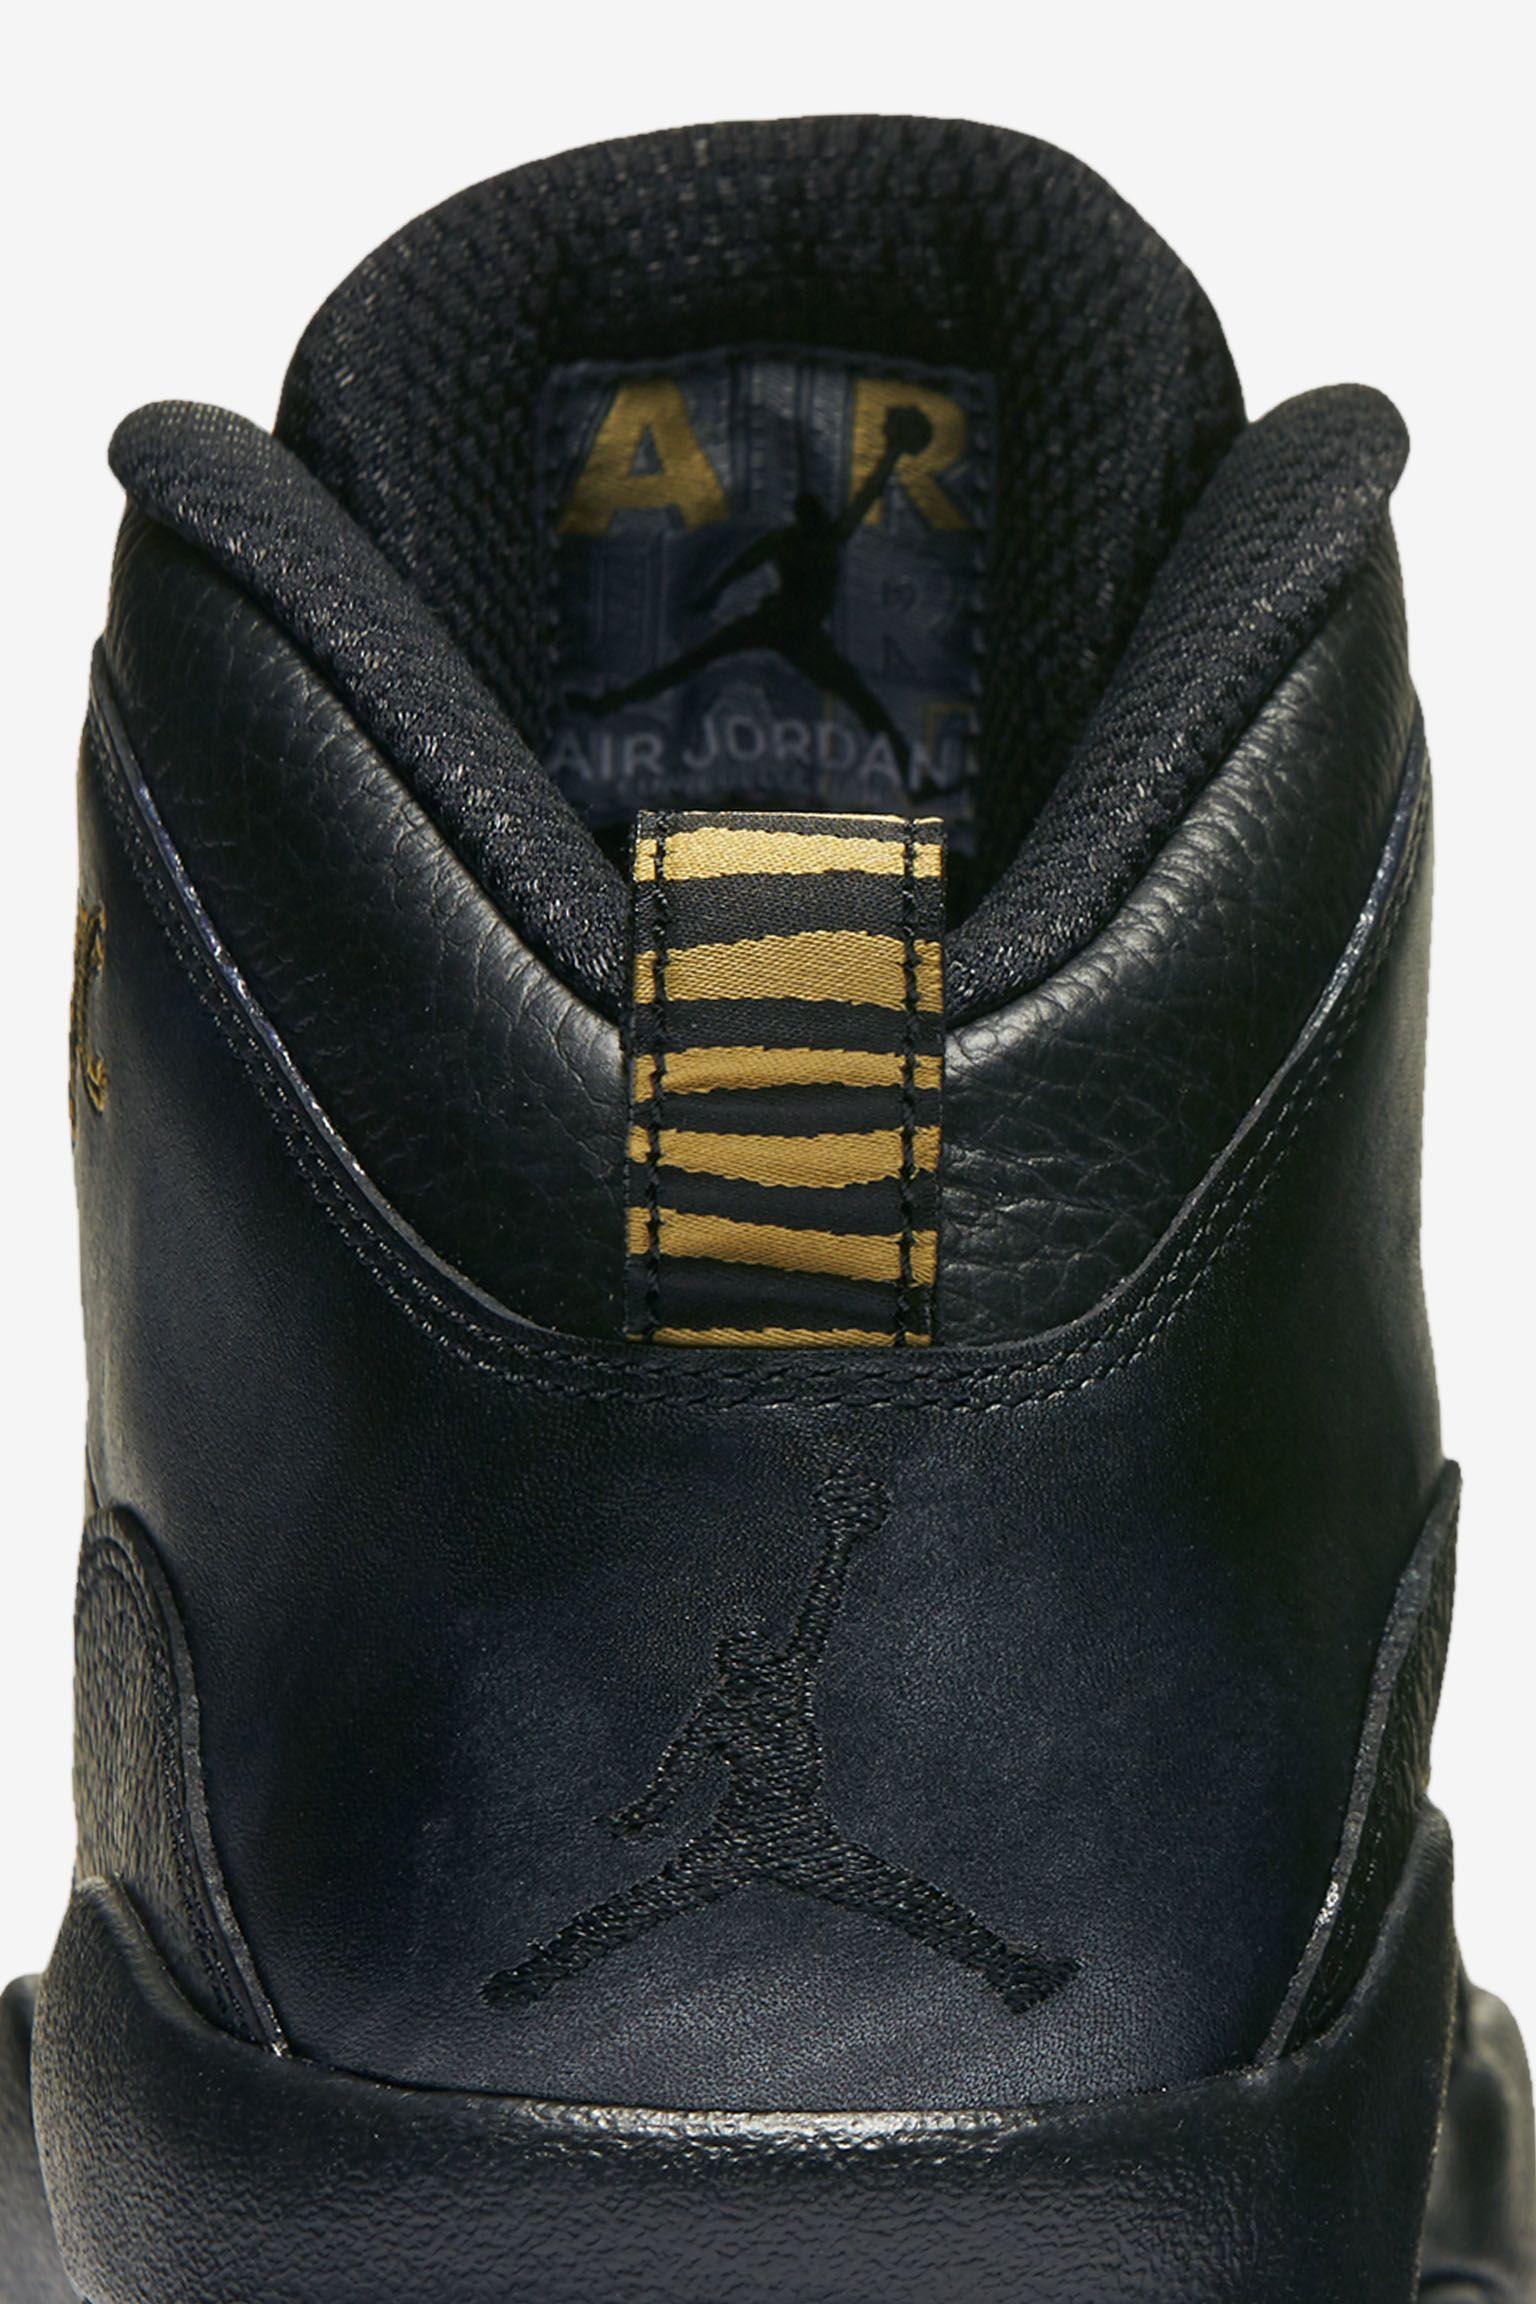 Air Jordan 10 Retro 'NYC' Release Date